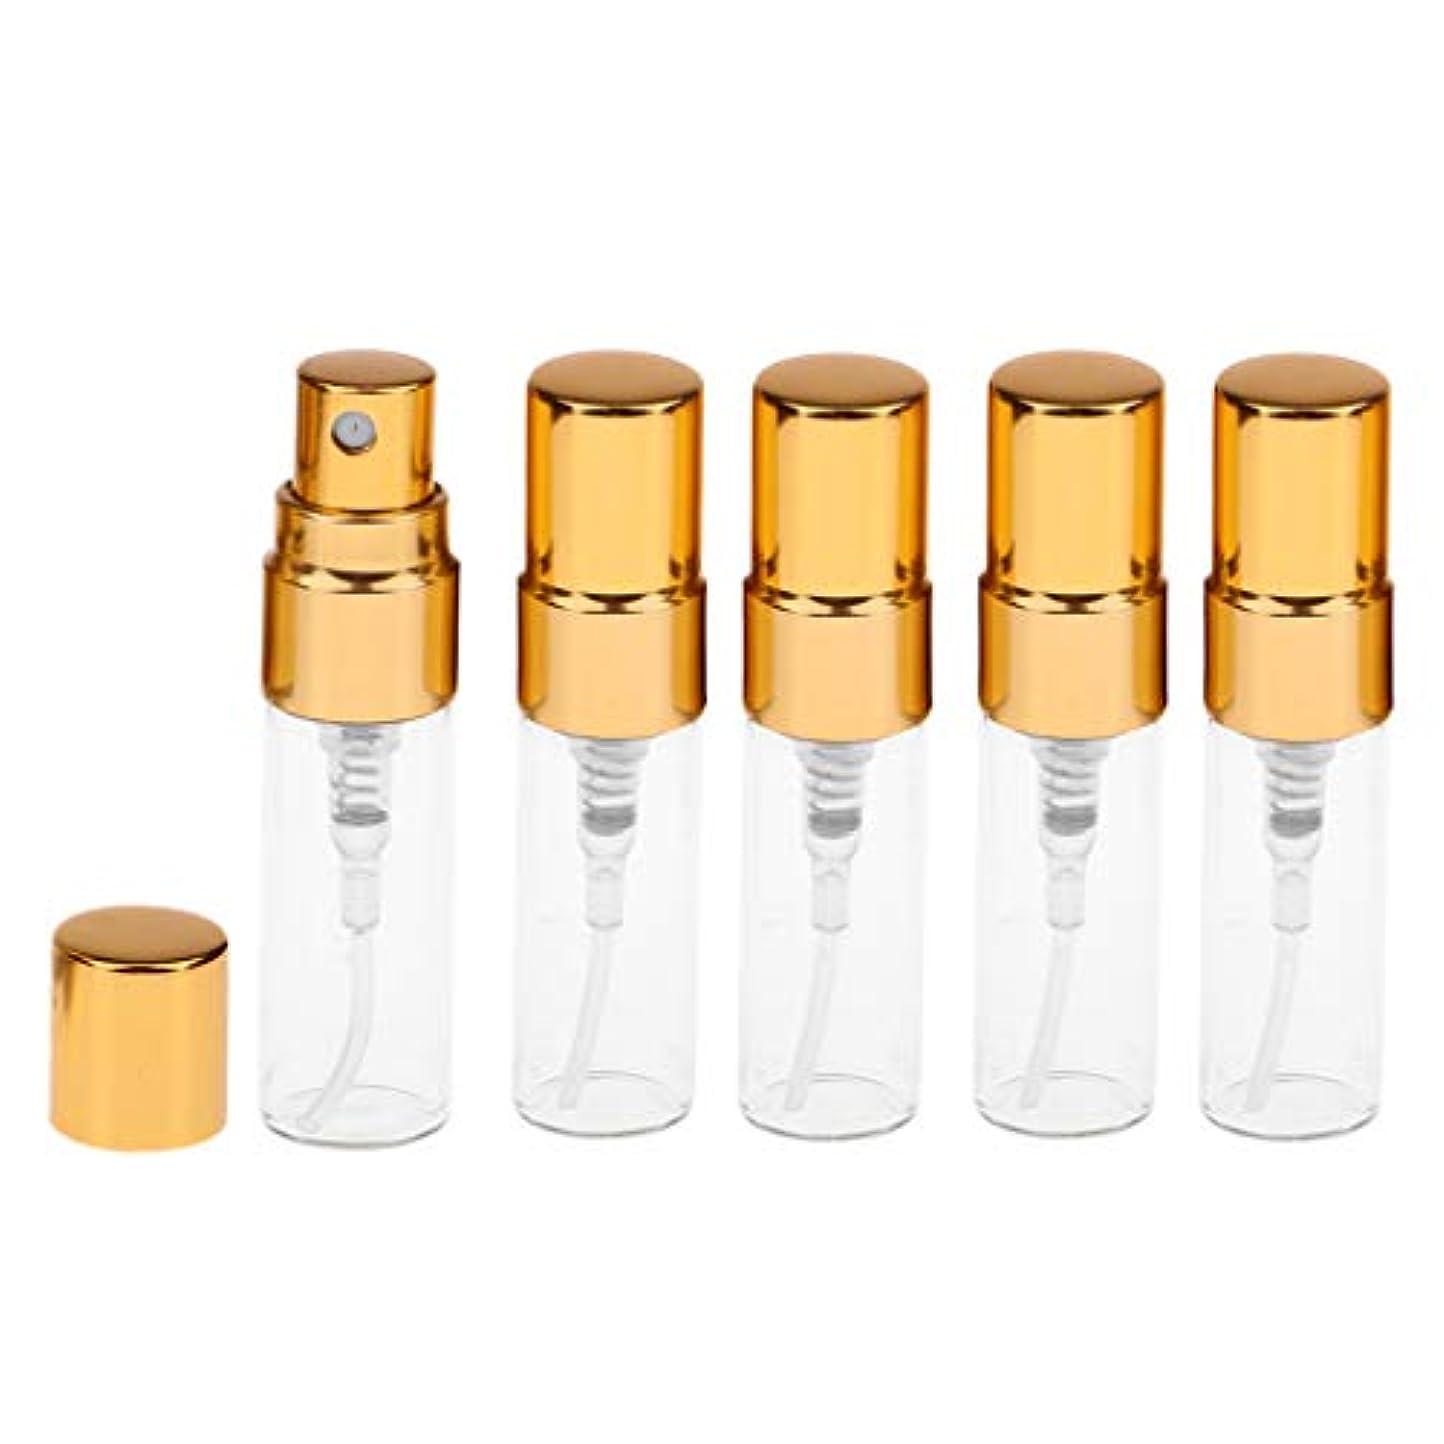 デジタル農場証明するPerfeclan 空の香水瓶 空のボトル 香水ボトル ミニ スプレーボトル フレグランスボトル ガラスボトル 全3色5個 - ゴールド